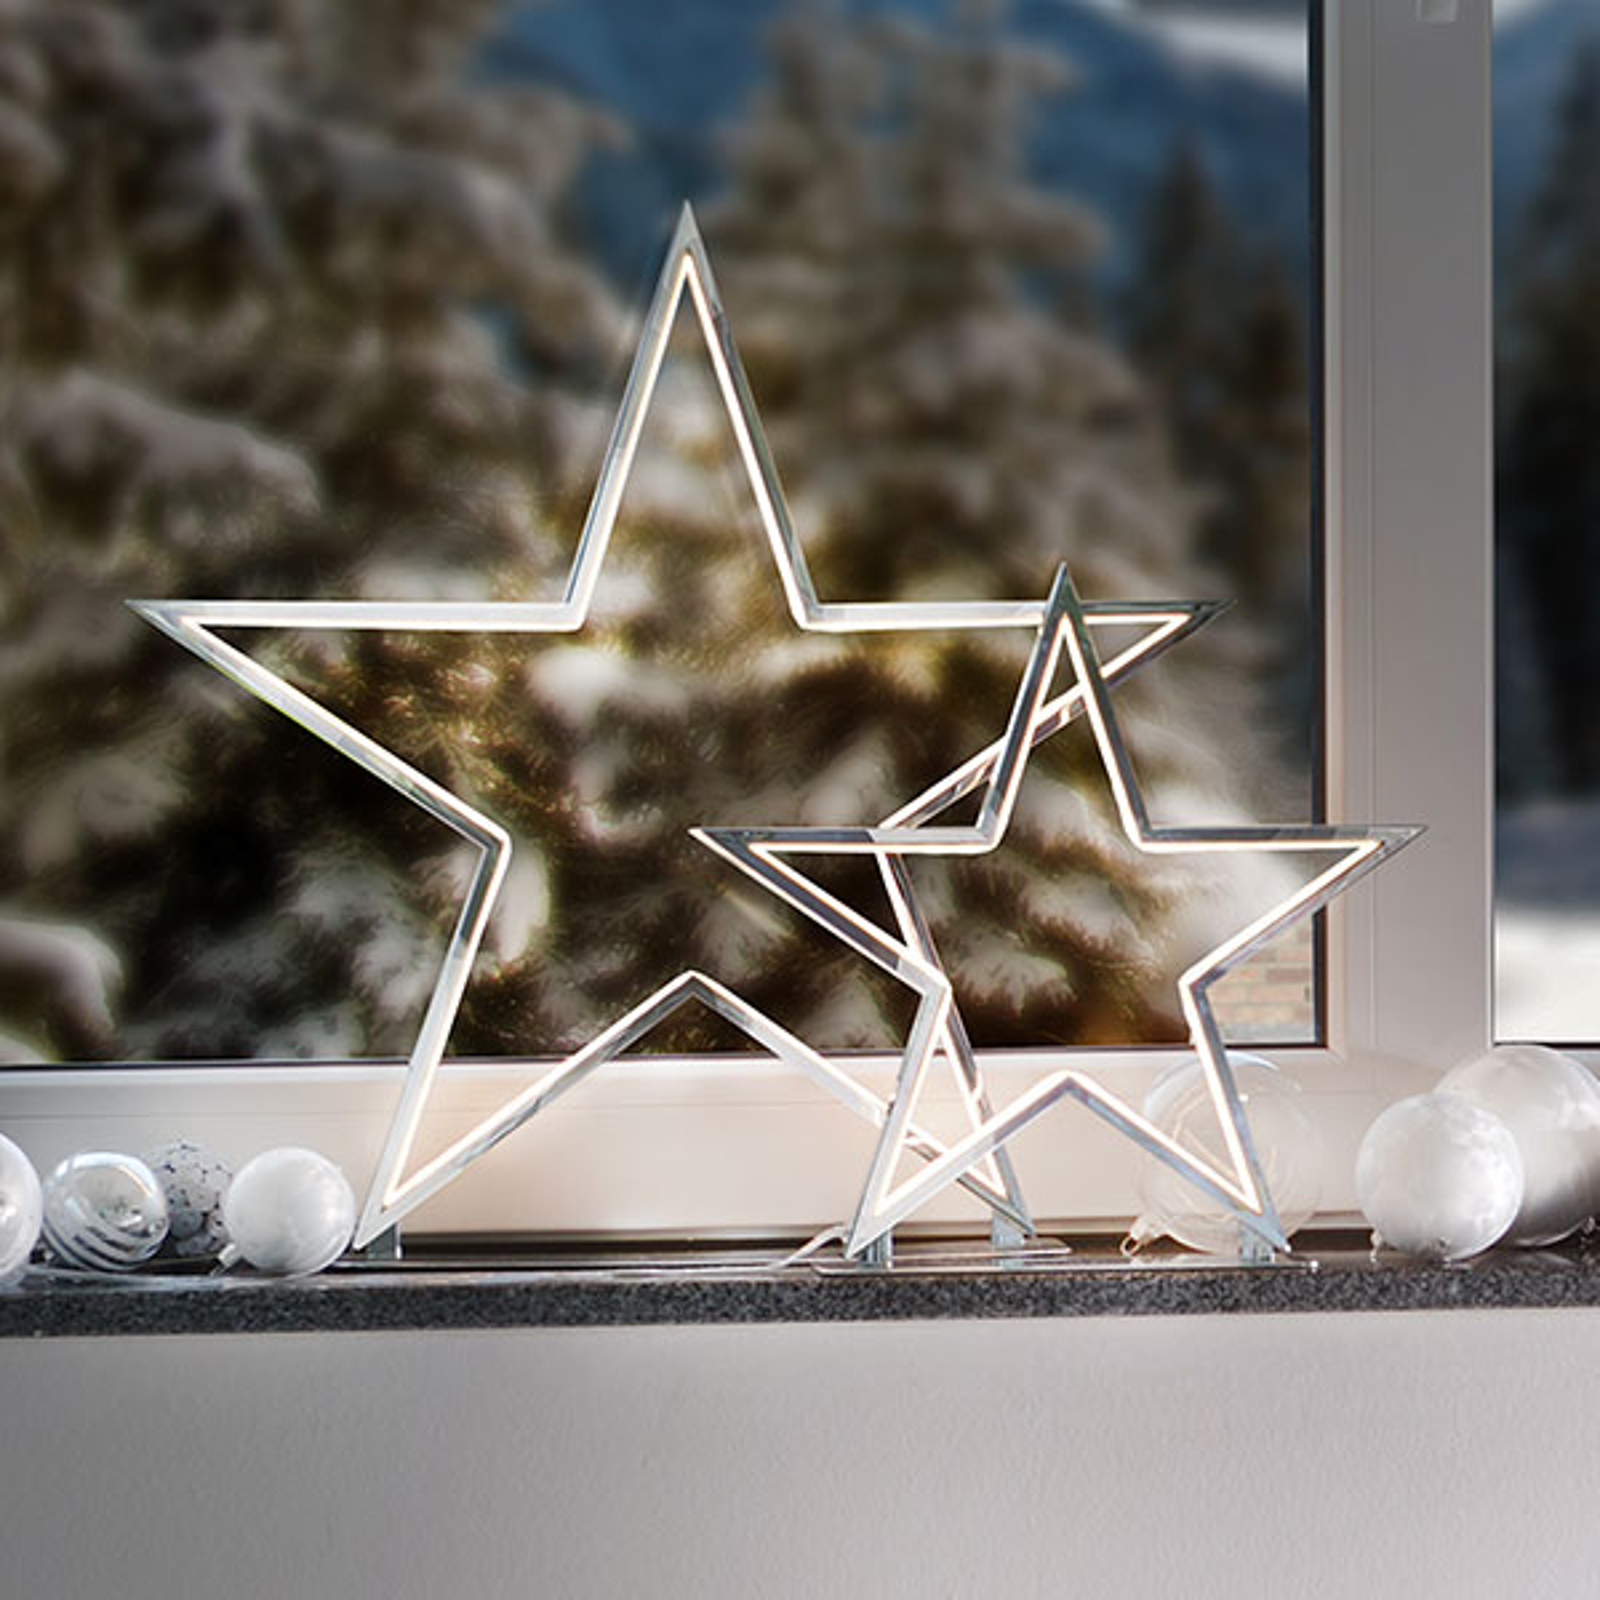 Lampada decorativa a stella Lucy color cromo 33cm